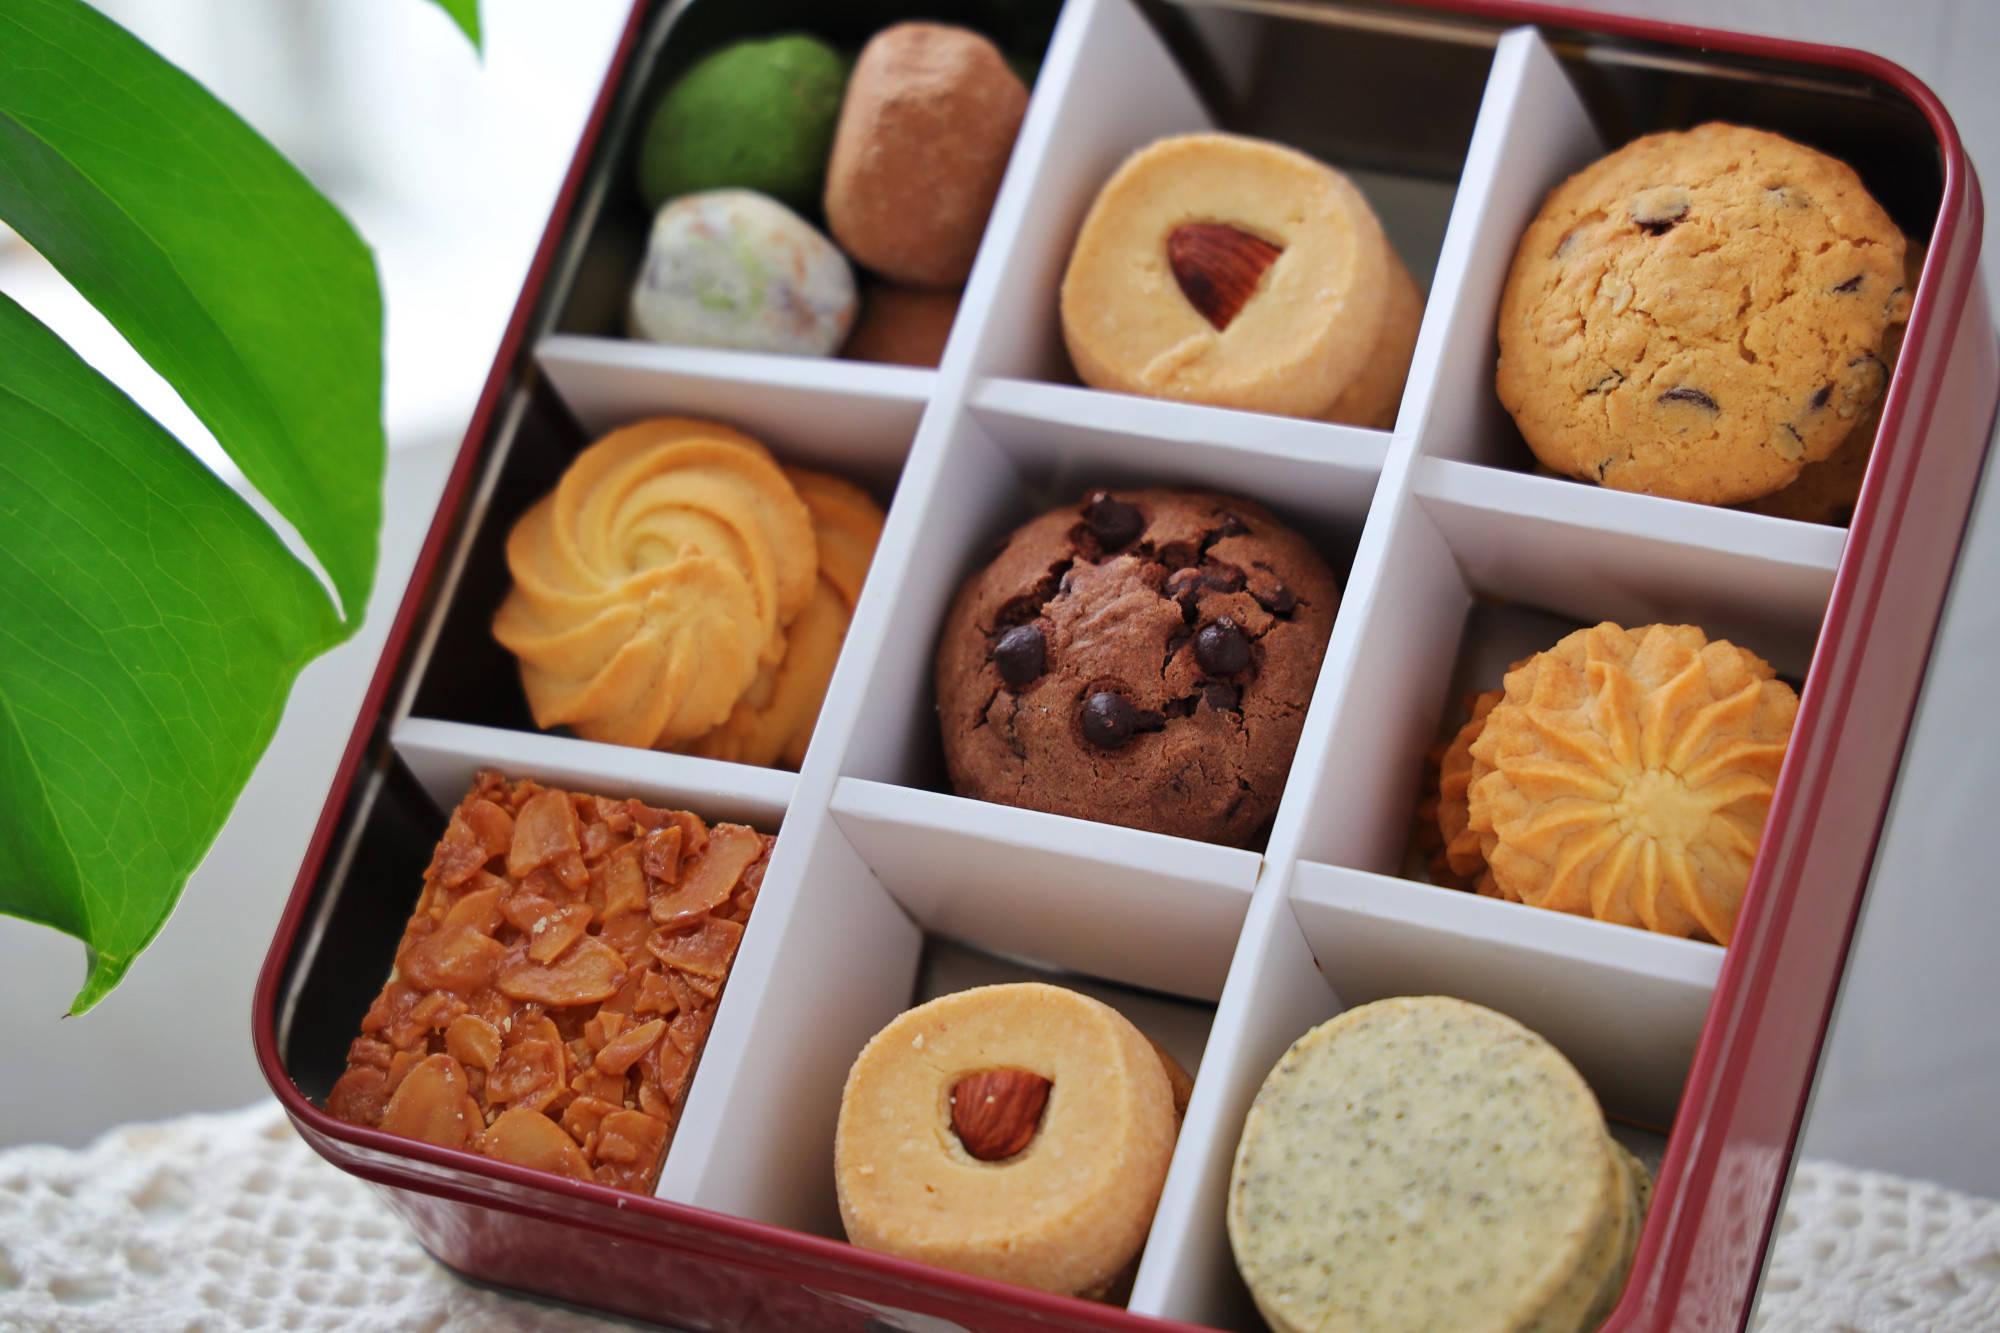 原装高档饼干礼盒适合过年送礼,食谱告诉你送人太爱面子了!